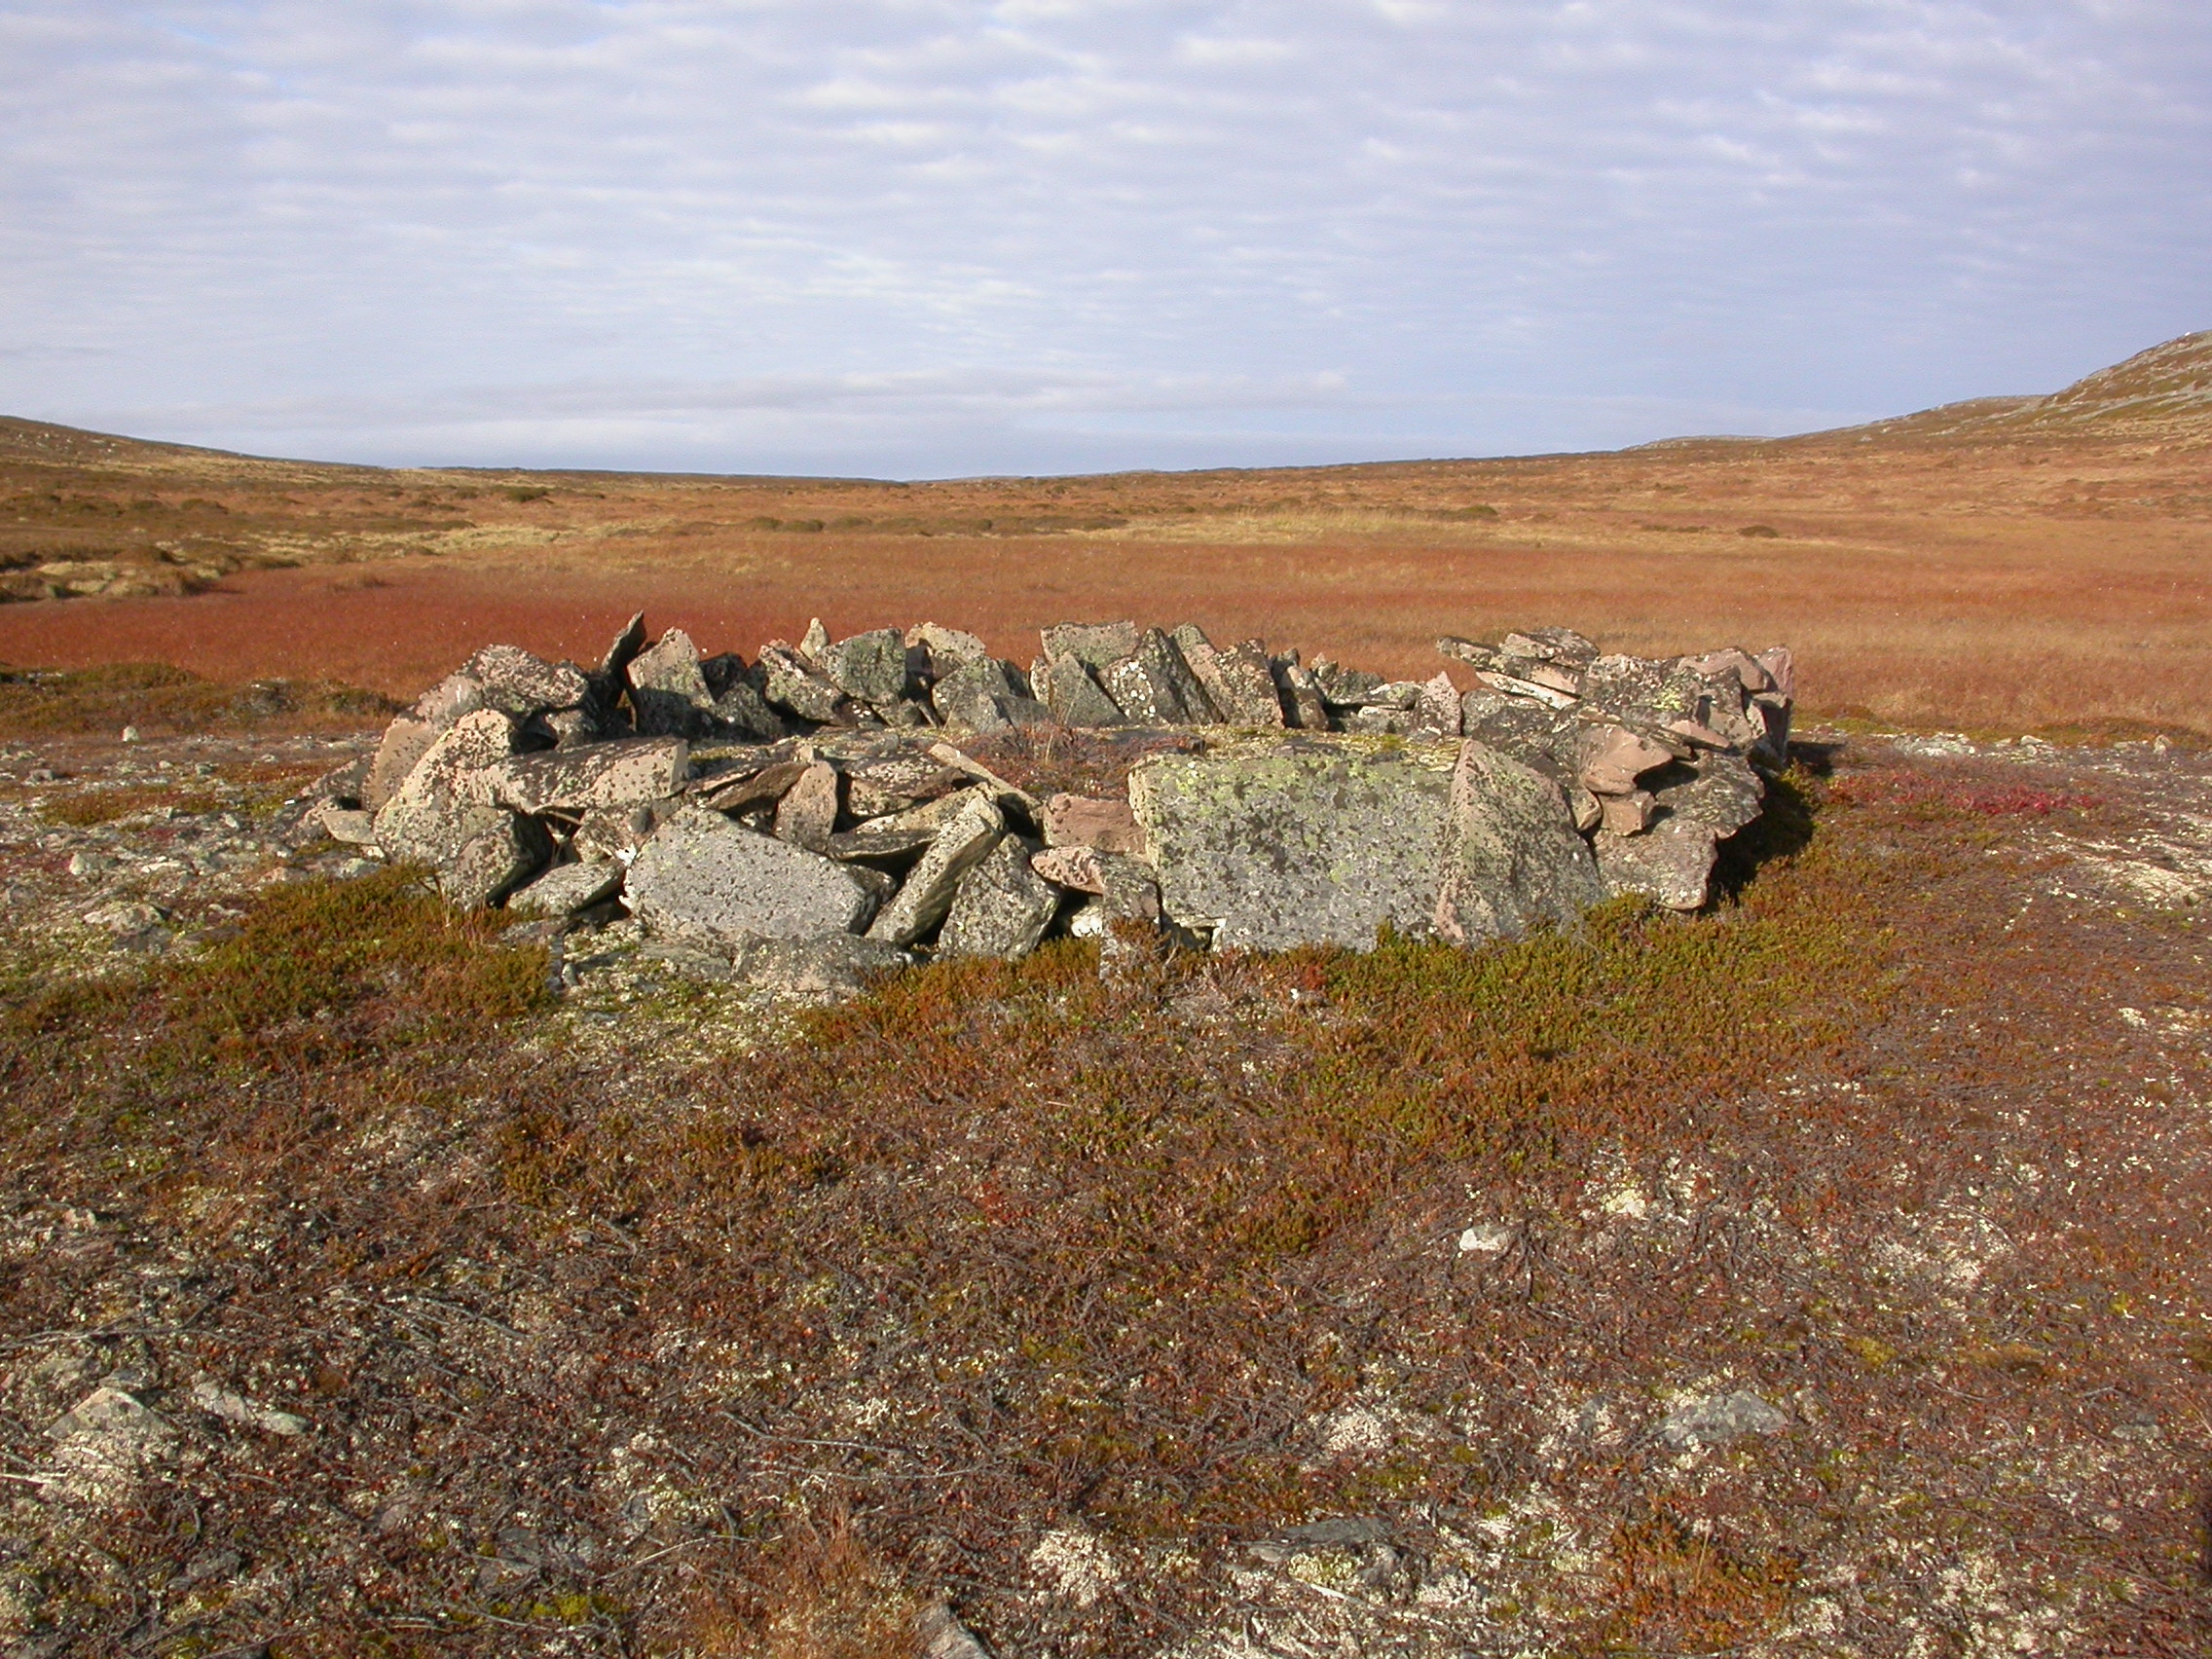 Nedanfor Falkefloget ved Svartnes i Vardø kommune ligg ein steinring (d. 4-45 meter) med ei steinrøys i midten. Ringen er registrert som ein samisk offerring og ligg på ein naken morenerygg godt synleg frå alle kantar. I nærleiken passerer fleire reinstiar og ein reknar med at ringen er knytta til den gamle villreinfangsten i området. Han ligg i eit område som er rikt på liknande kulturminne. Foto: Stine Barlindhaug NIKU